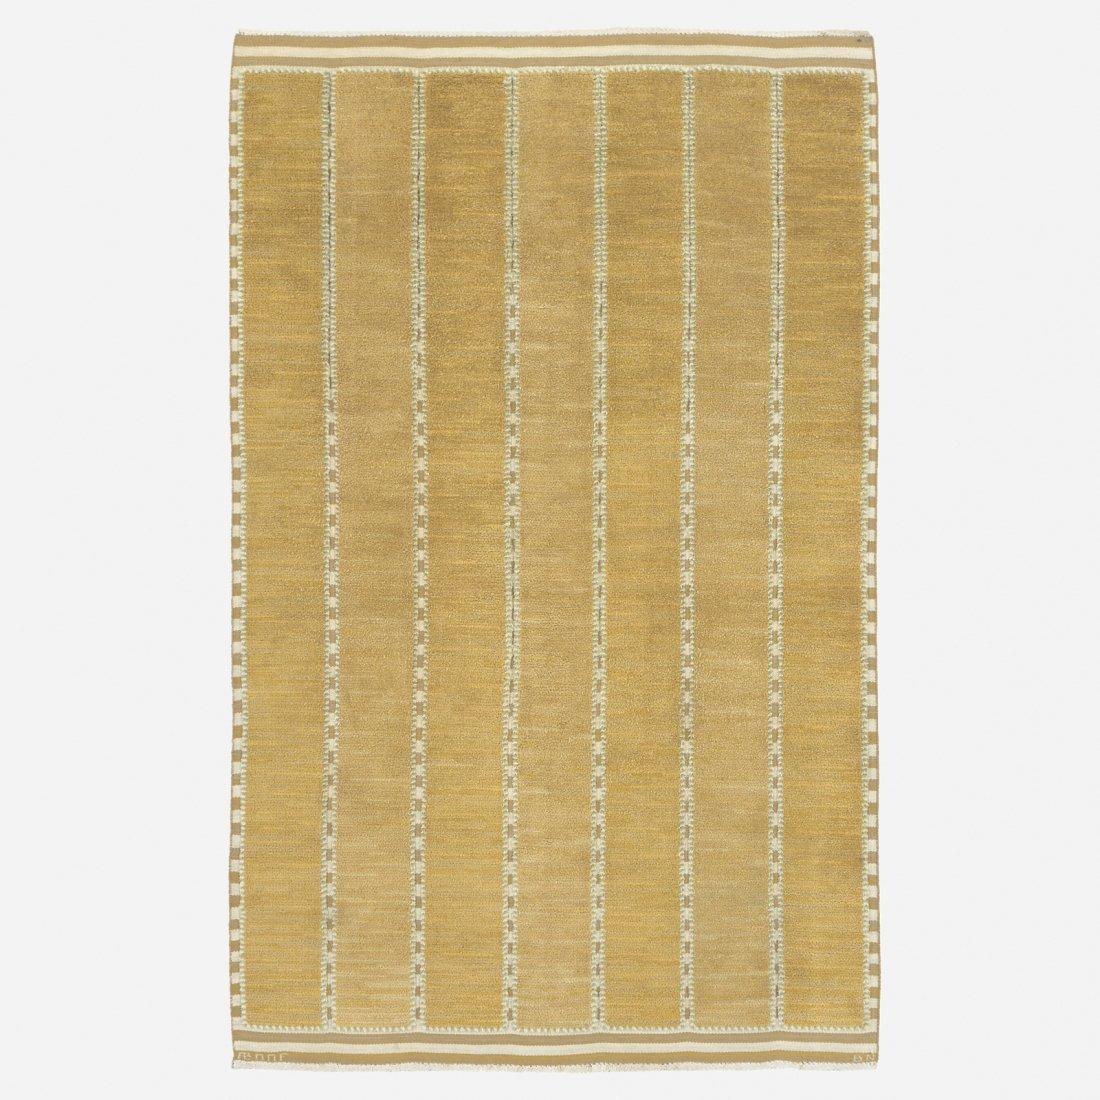 Barbro Nilsson, Gullharpan half-pile carpet